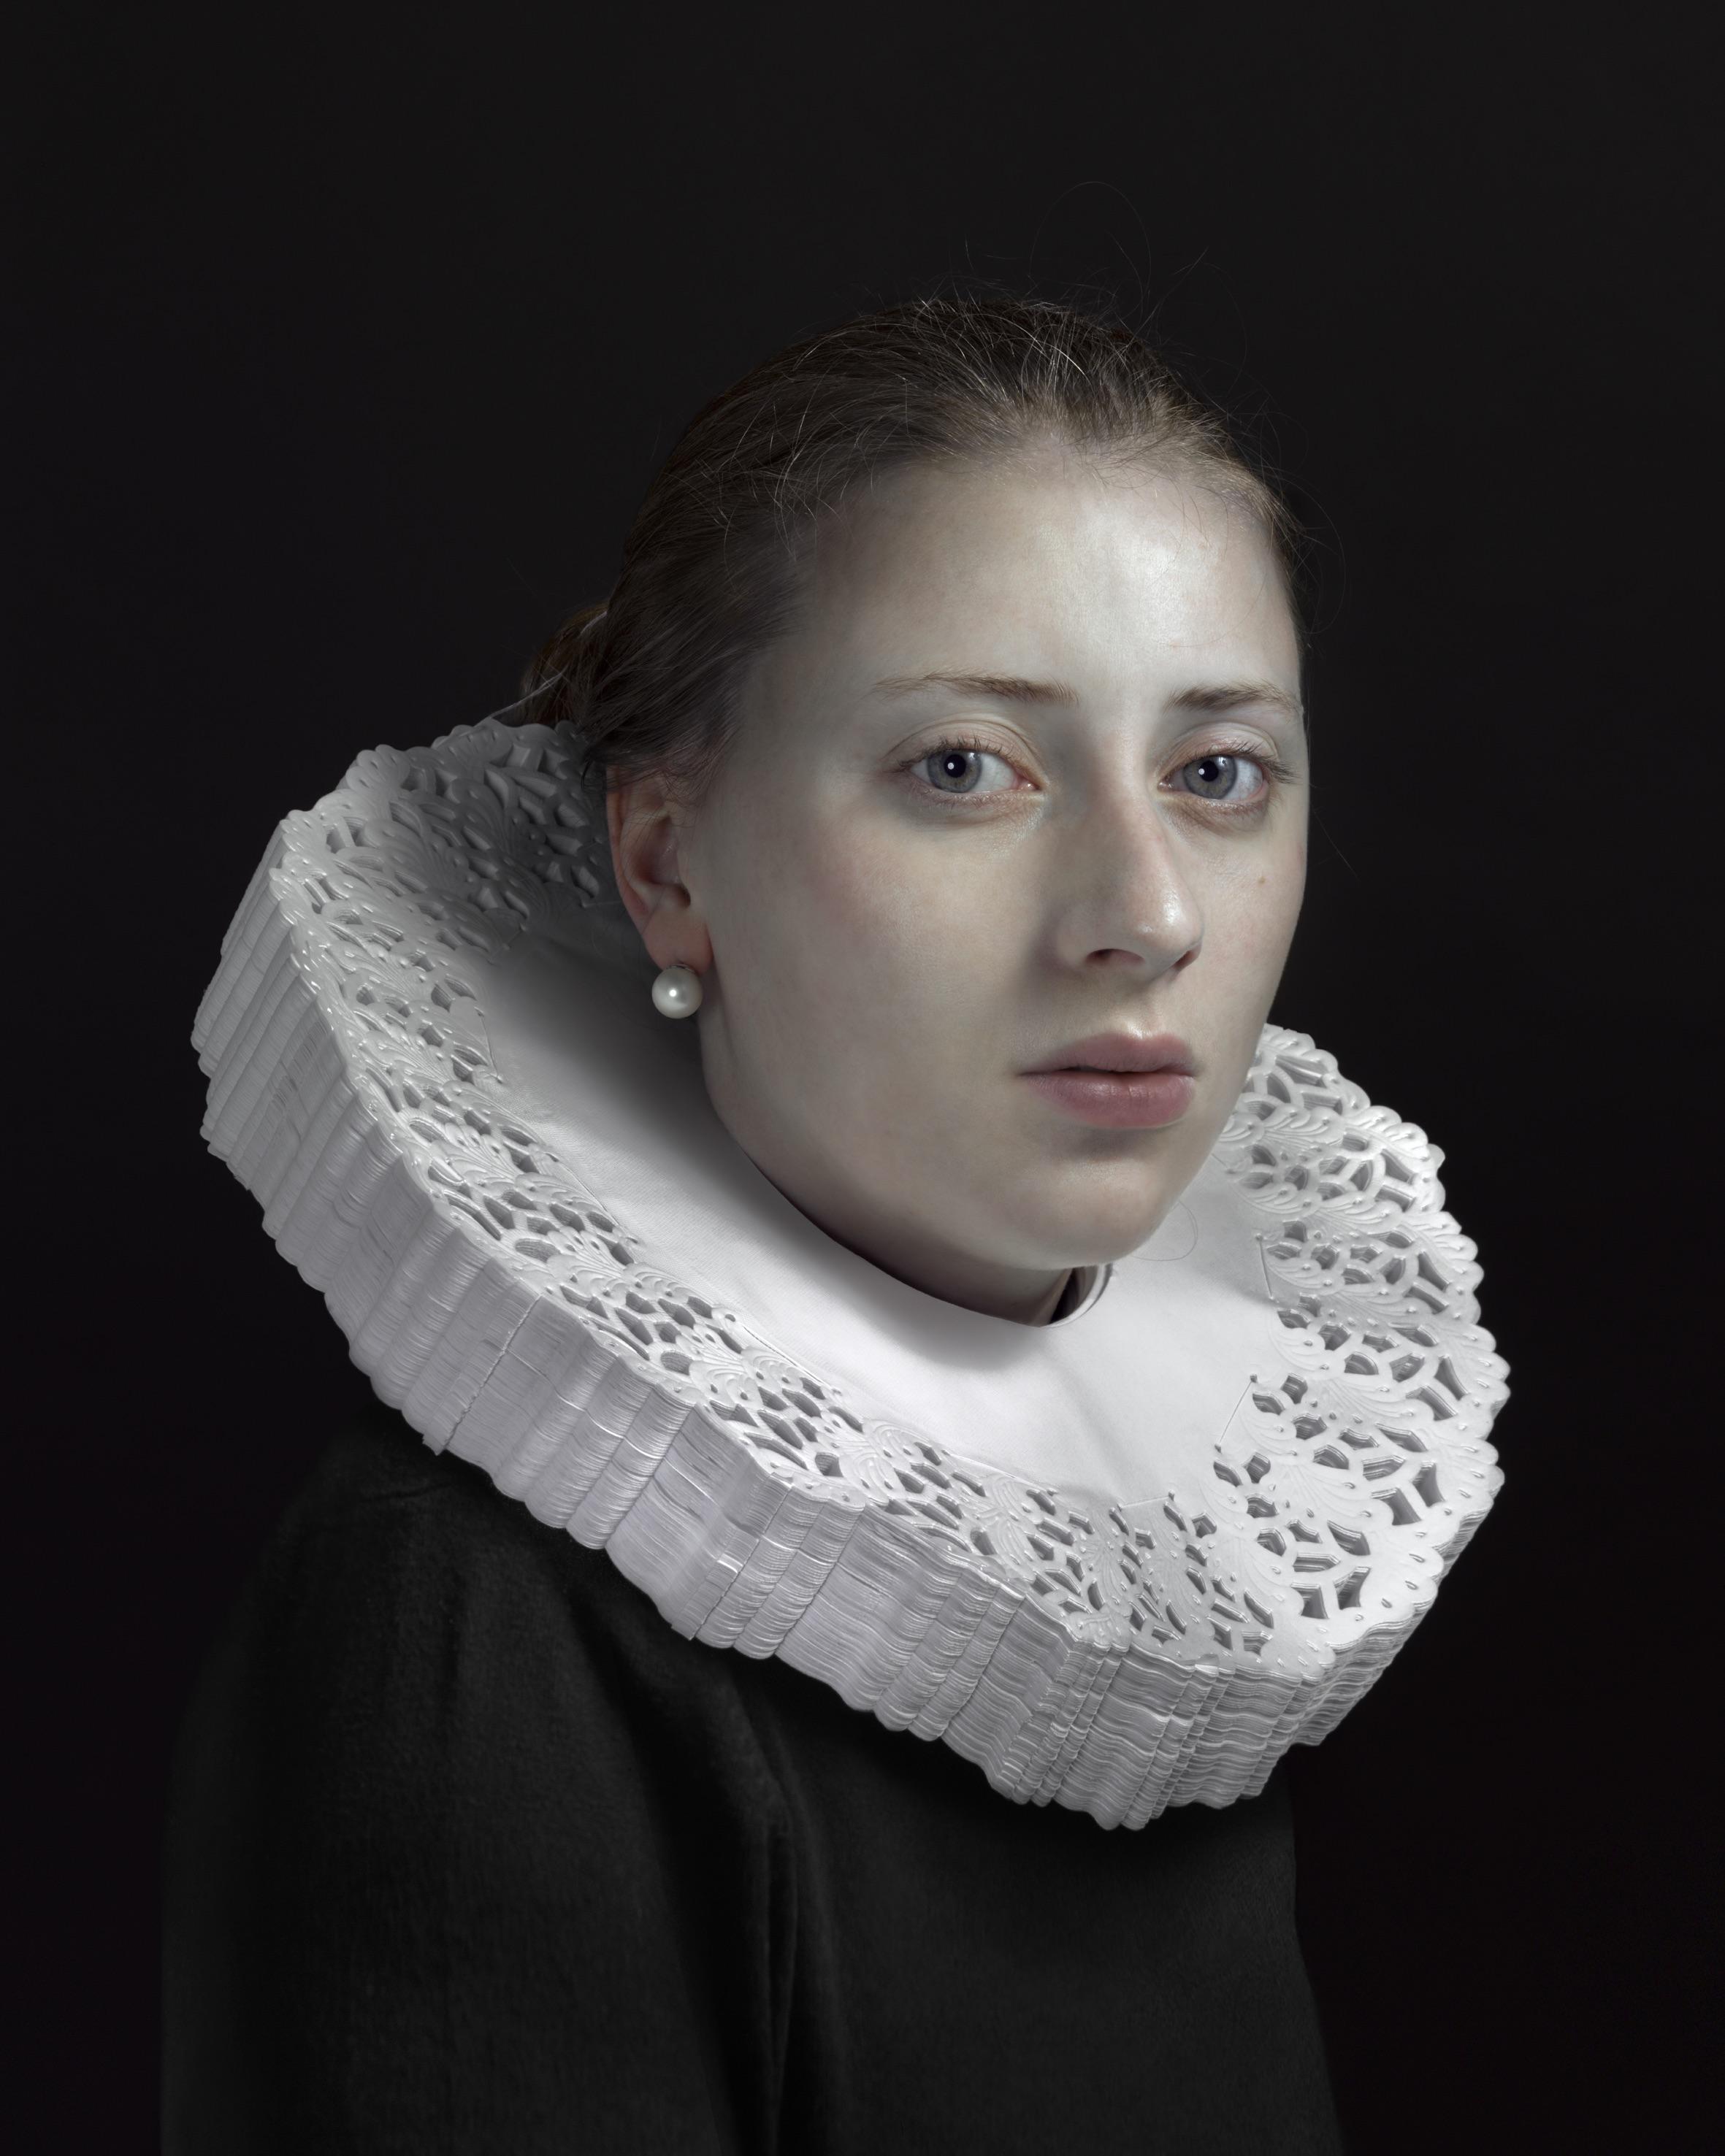 Hendrik Kerstens,  Doily , 2011, ultrachrome print, 62.5 x 50cm; image courtesy the artist